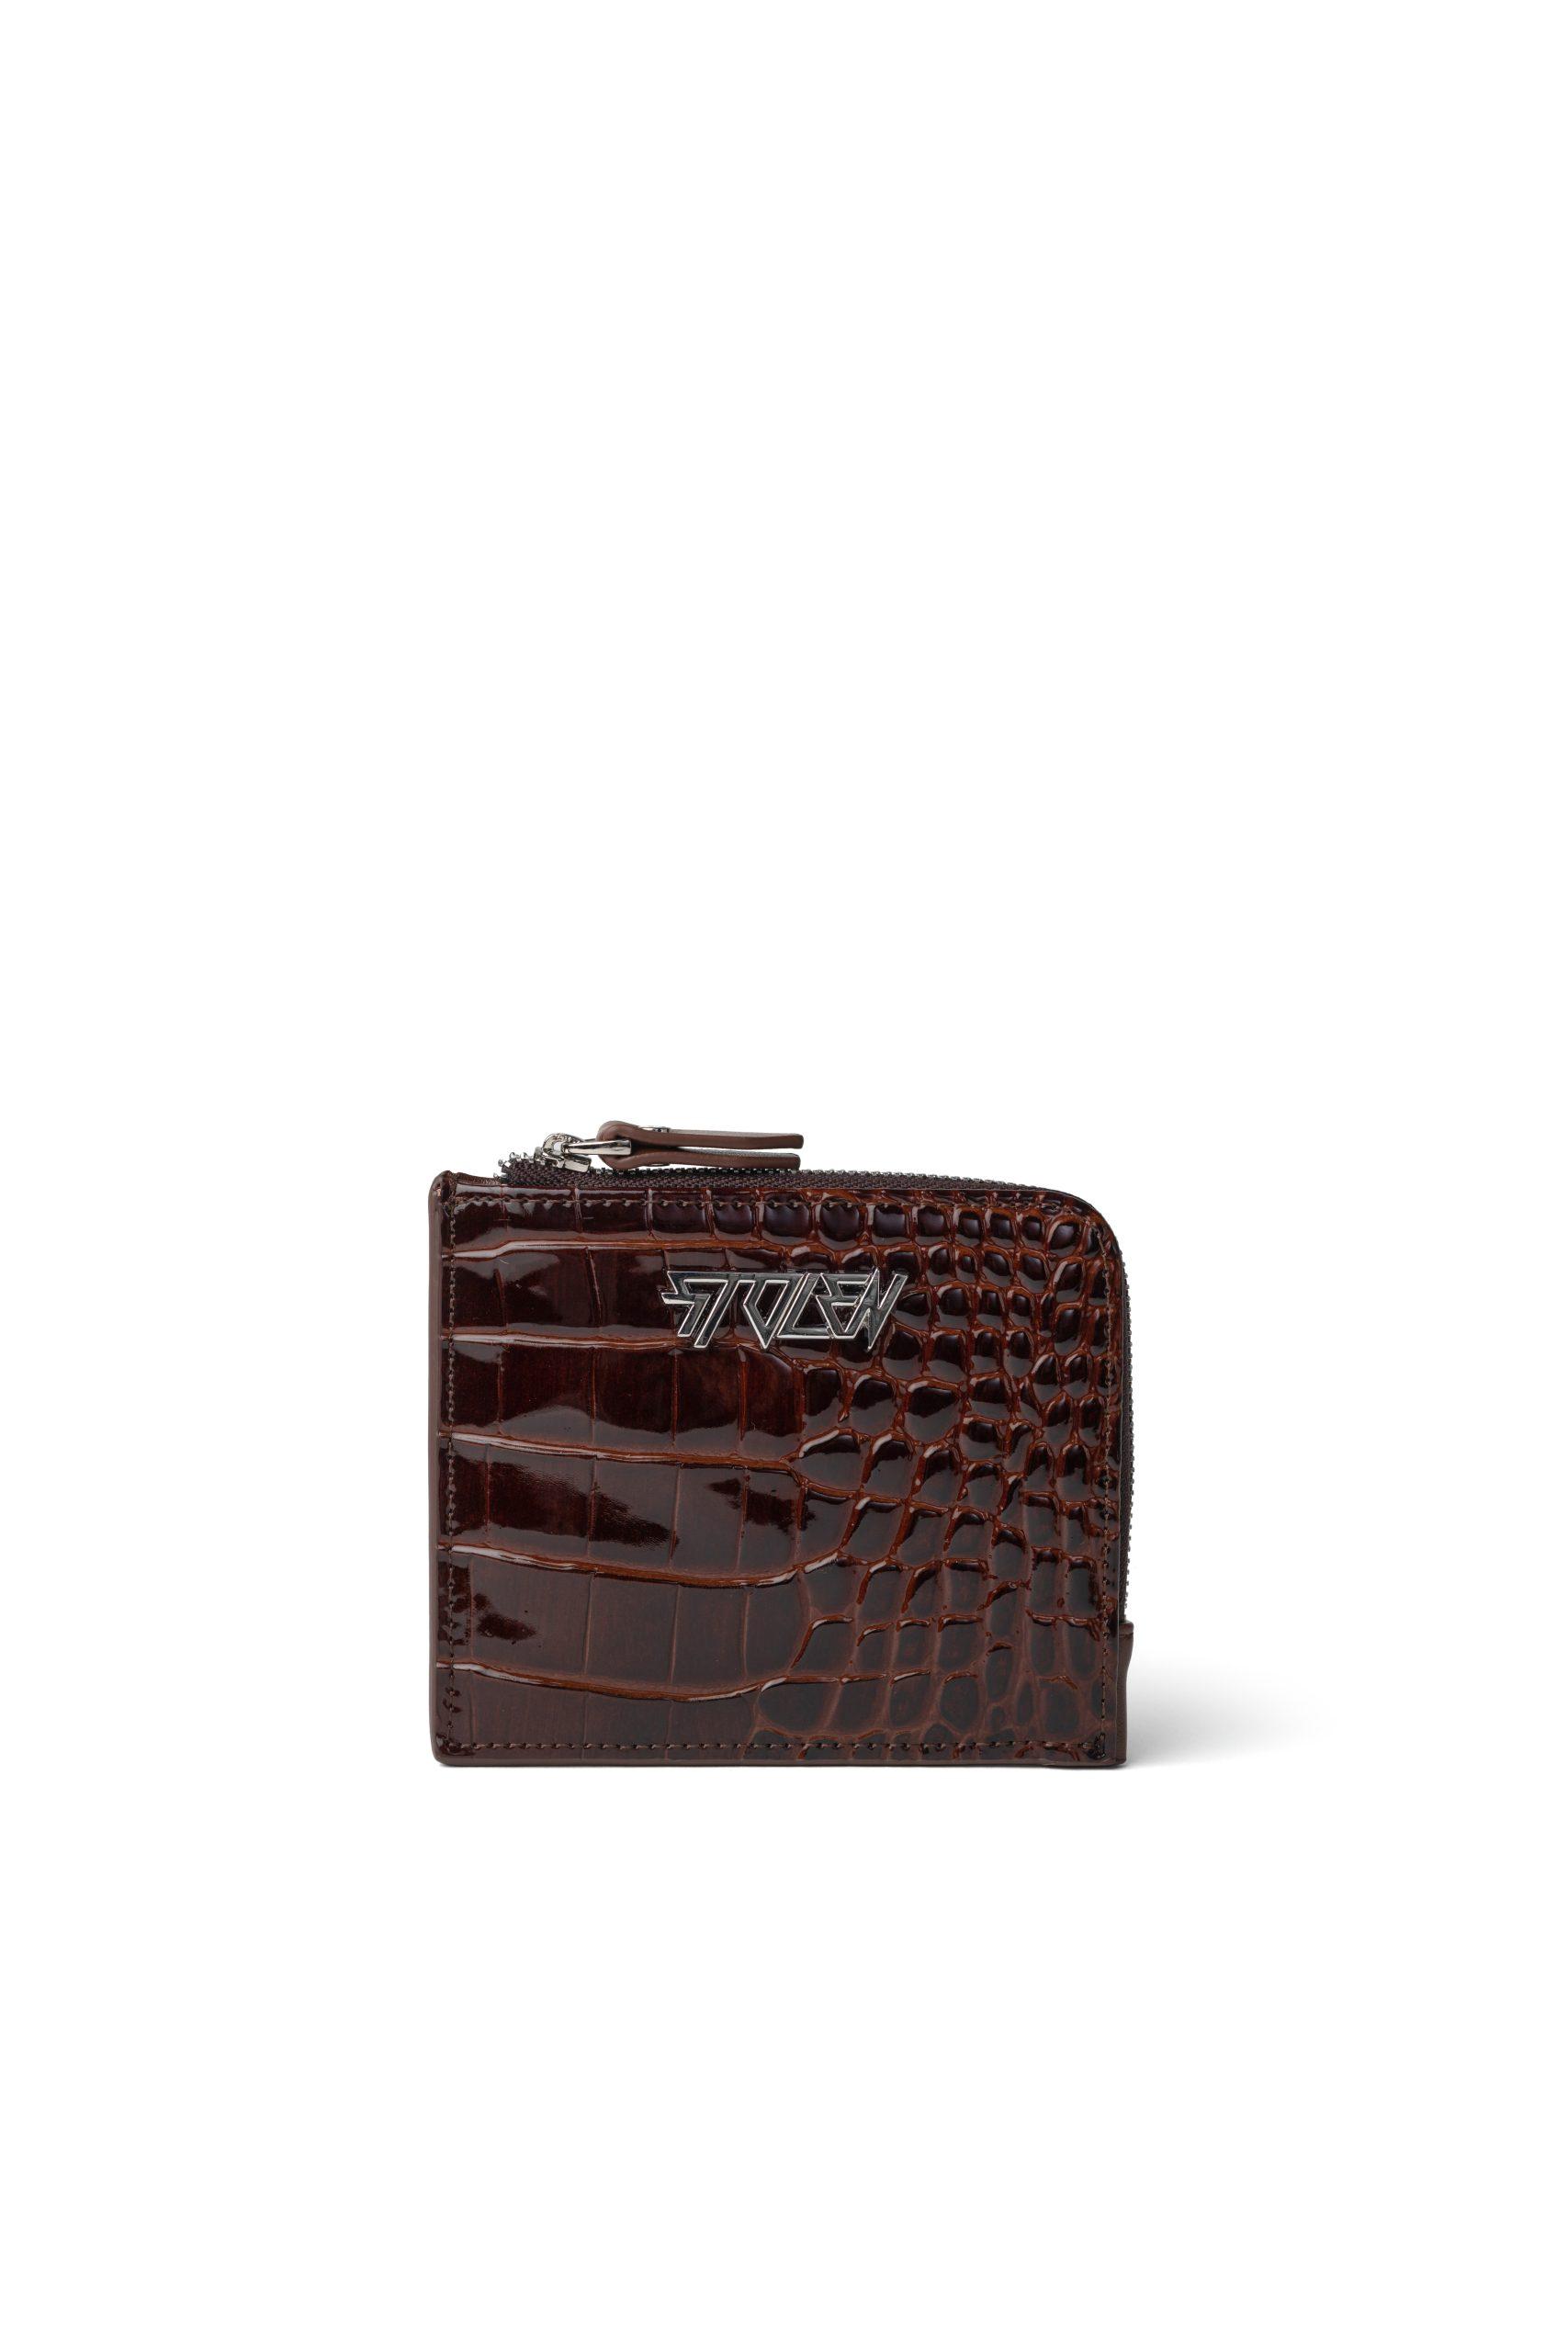 B046A Little Trouble Wallet Auburn RRP $149